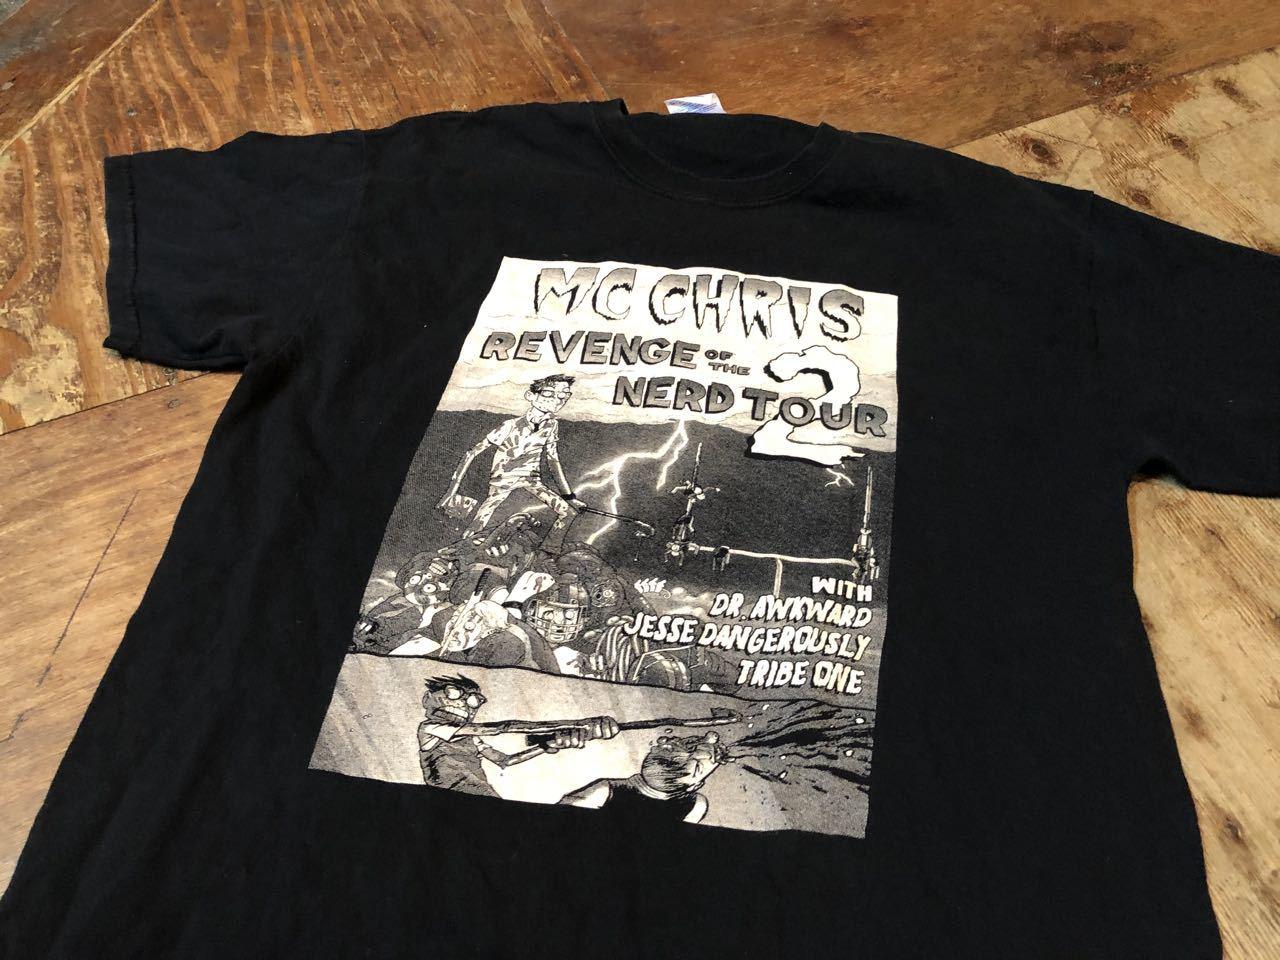 MC CHRIS  REVENGE OF THE NERD TOUR2  T シャツ!_c0144020_17443533.jpg